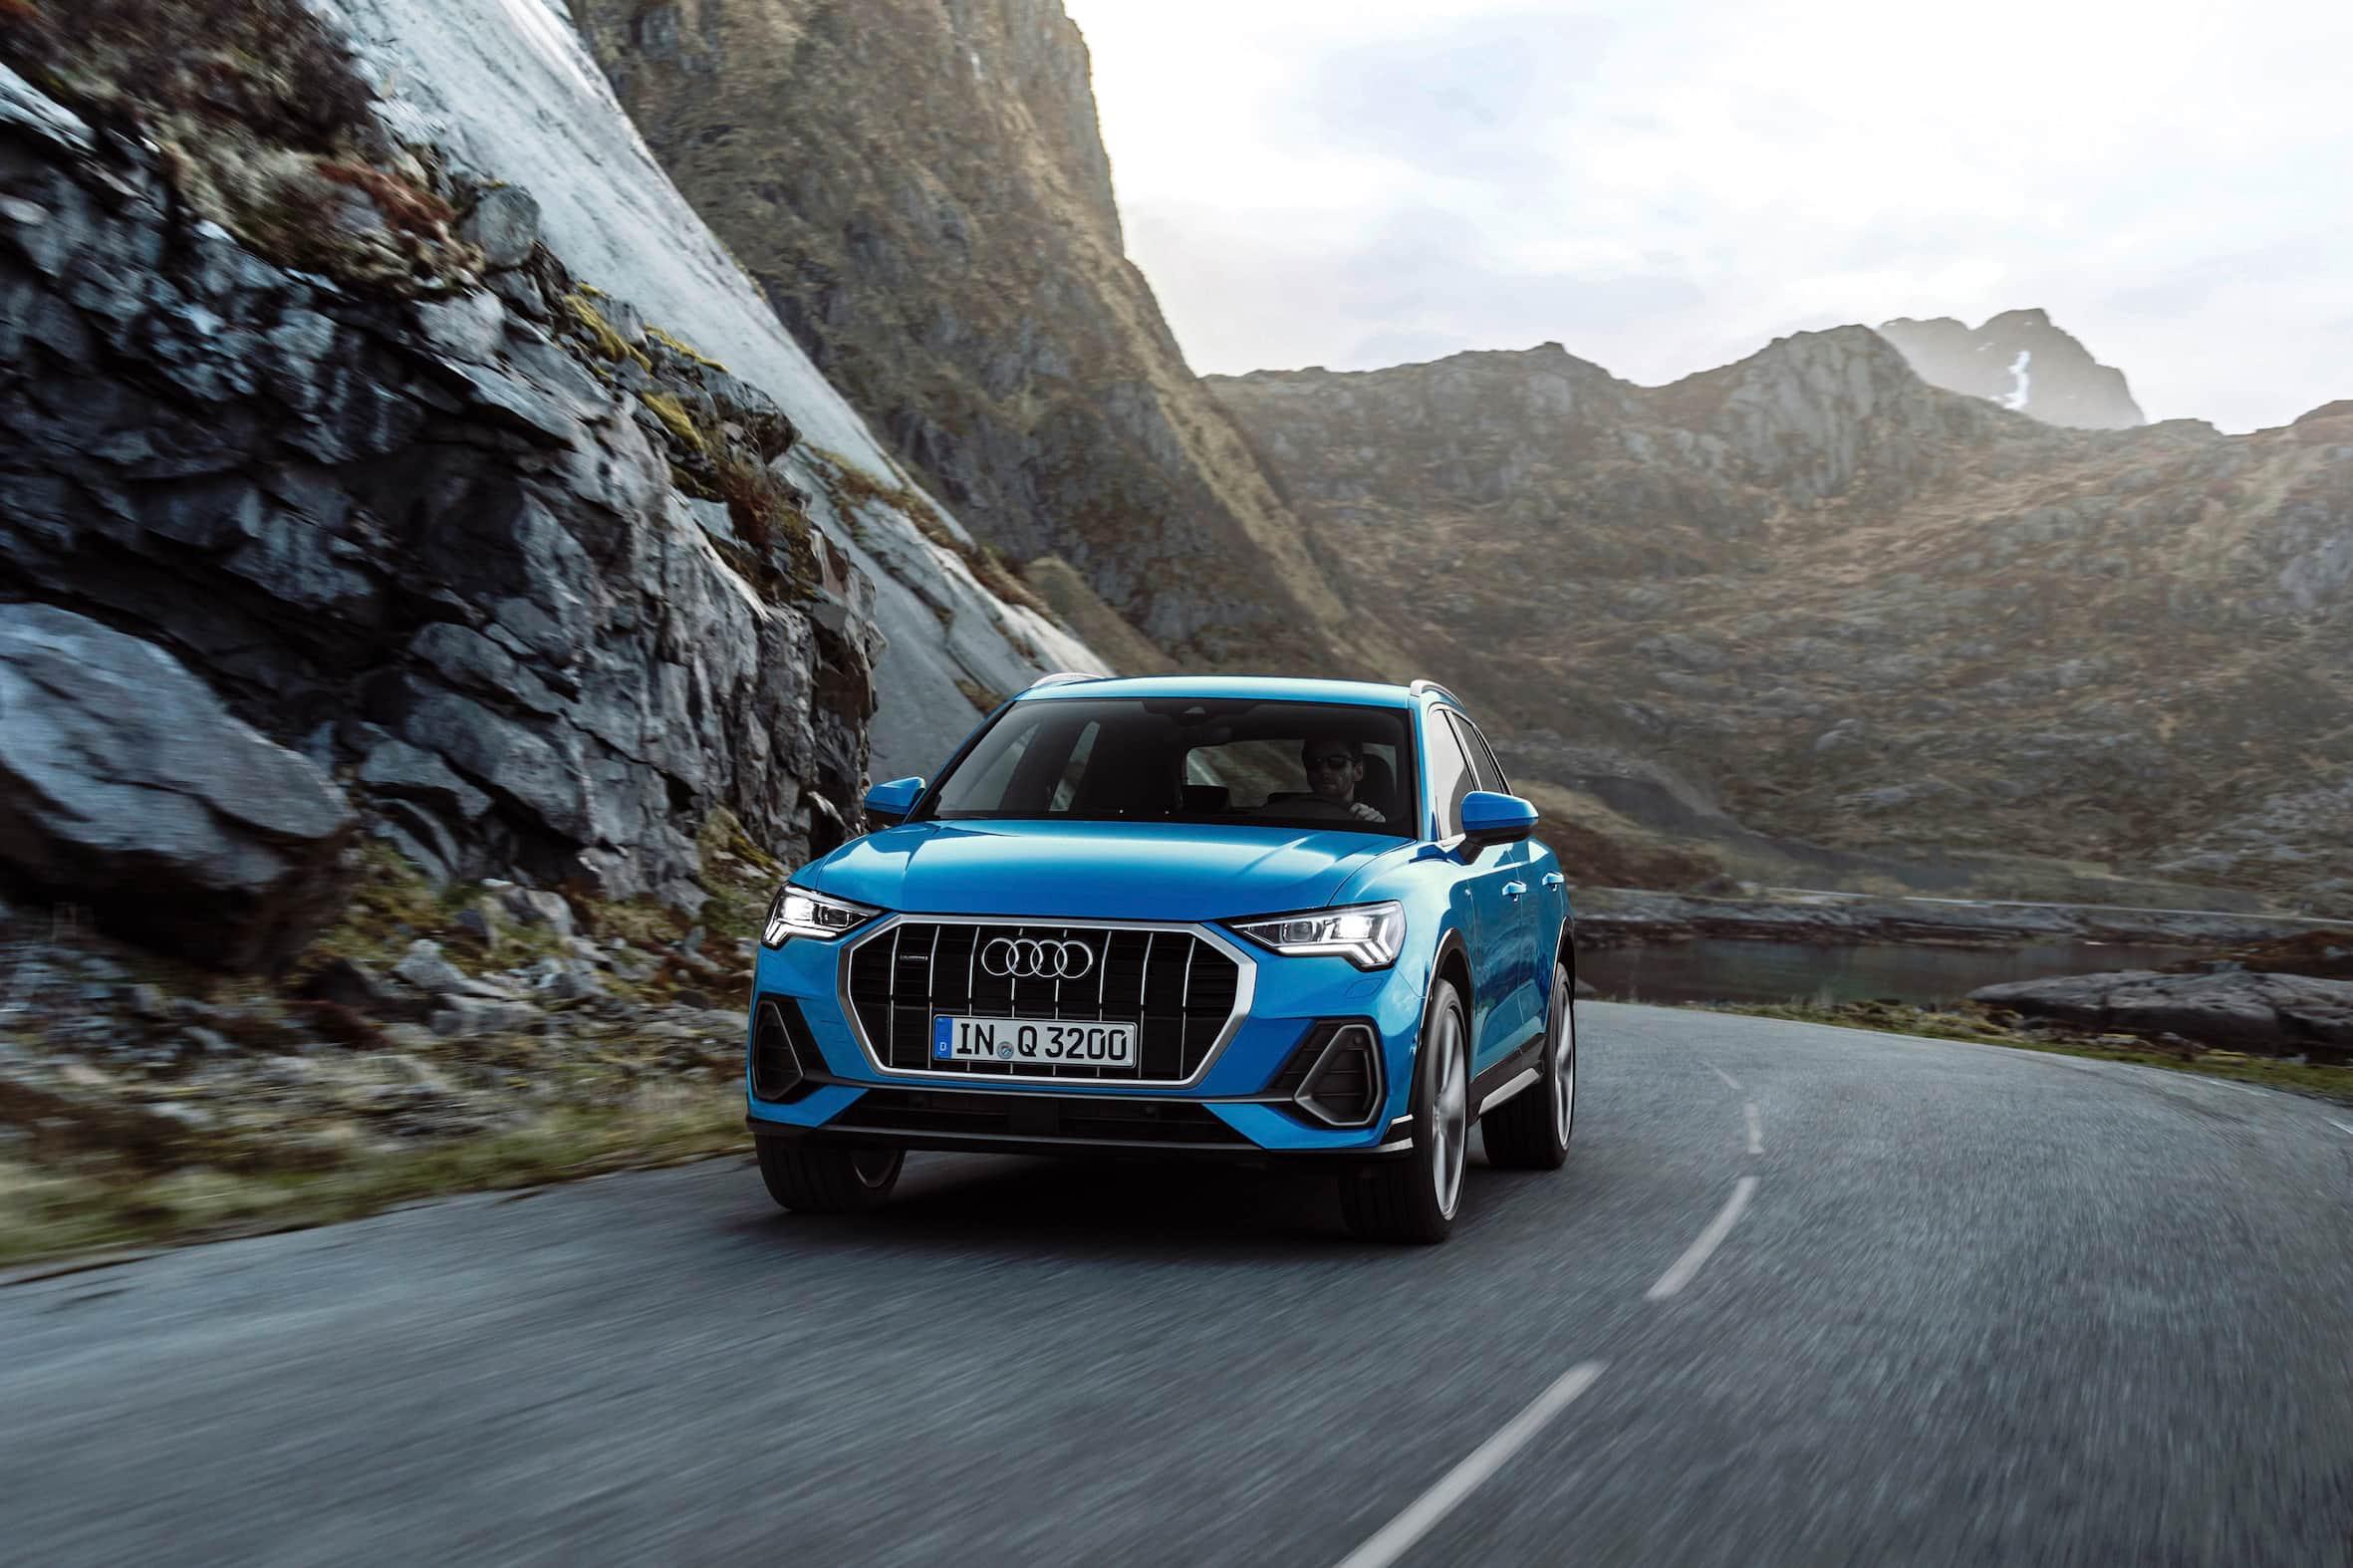 Y el 'Motor Internacional del Año' es para... ¡2.0 TFSI de Audi!